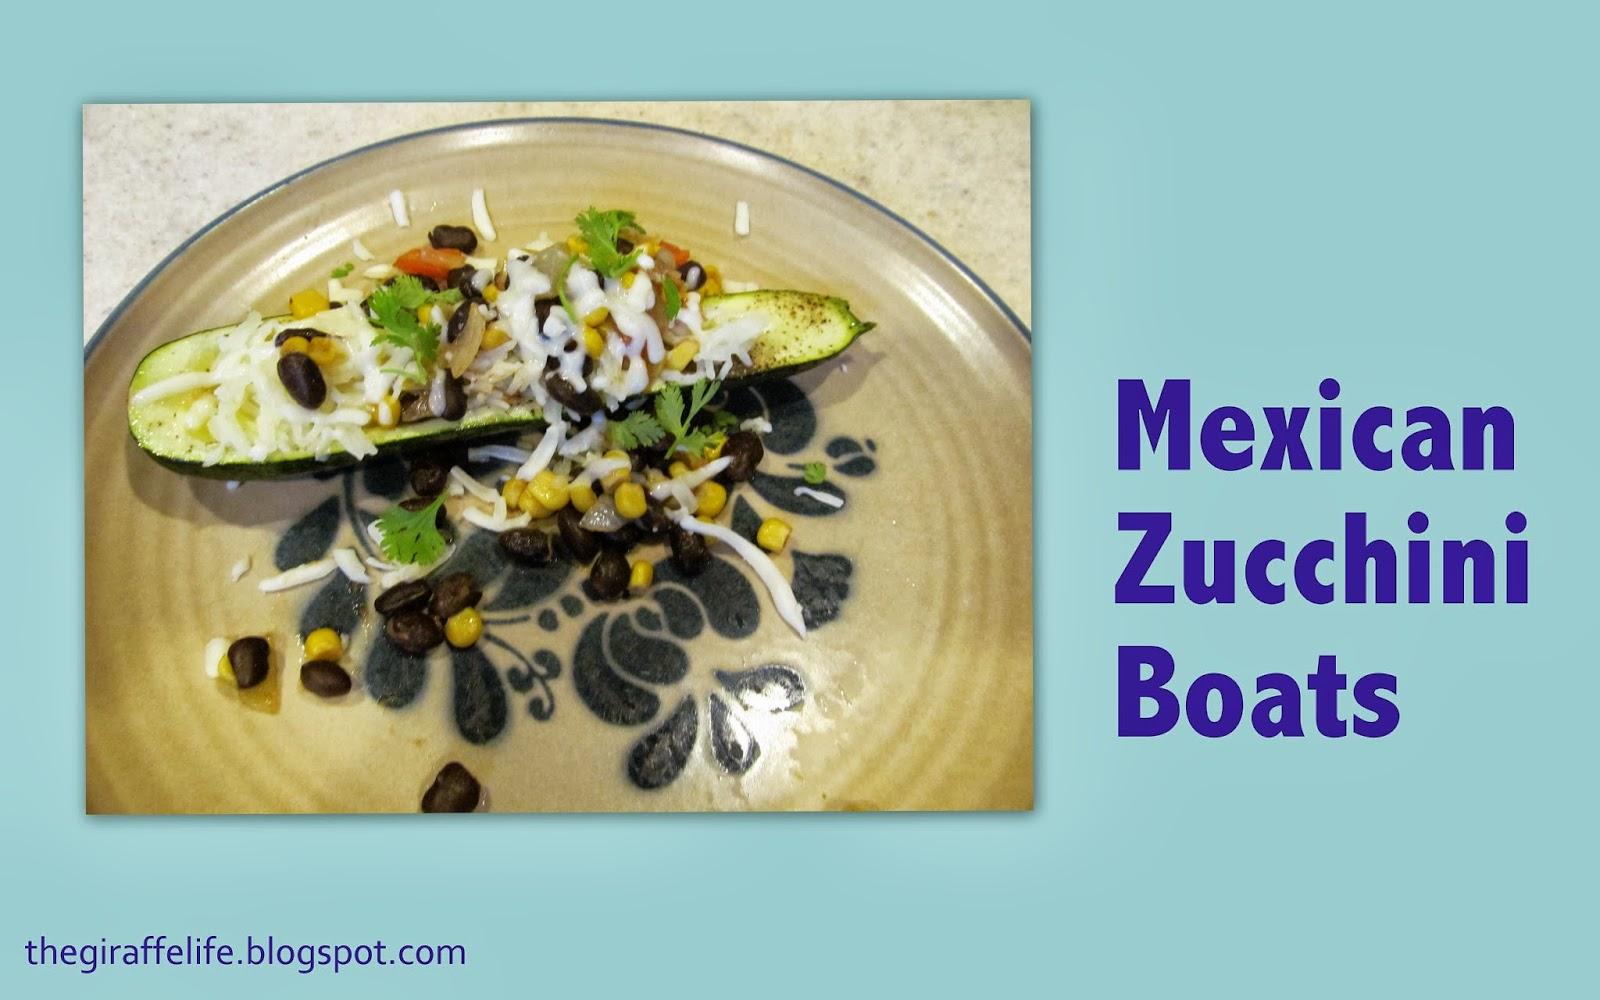 http://2.bp.blogspot.com/-hu0Bj8TTbHc/Uk3_pqz3msI/AAAAAAAABkA/Os0xh8odVIY/s1600/mexican+zucchini+boats.jpg